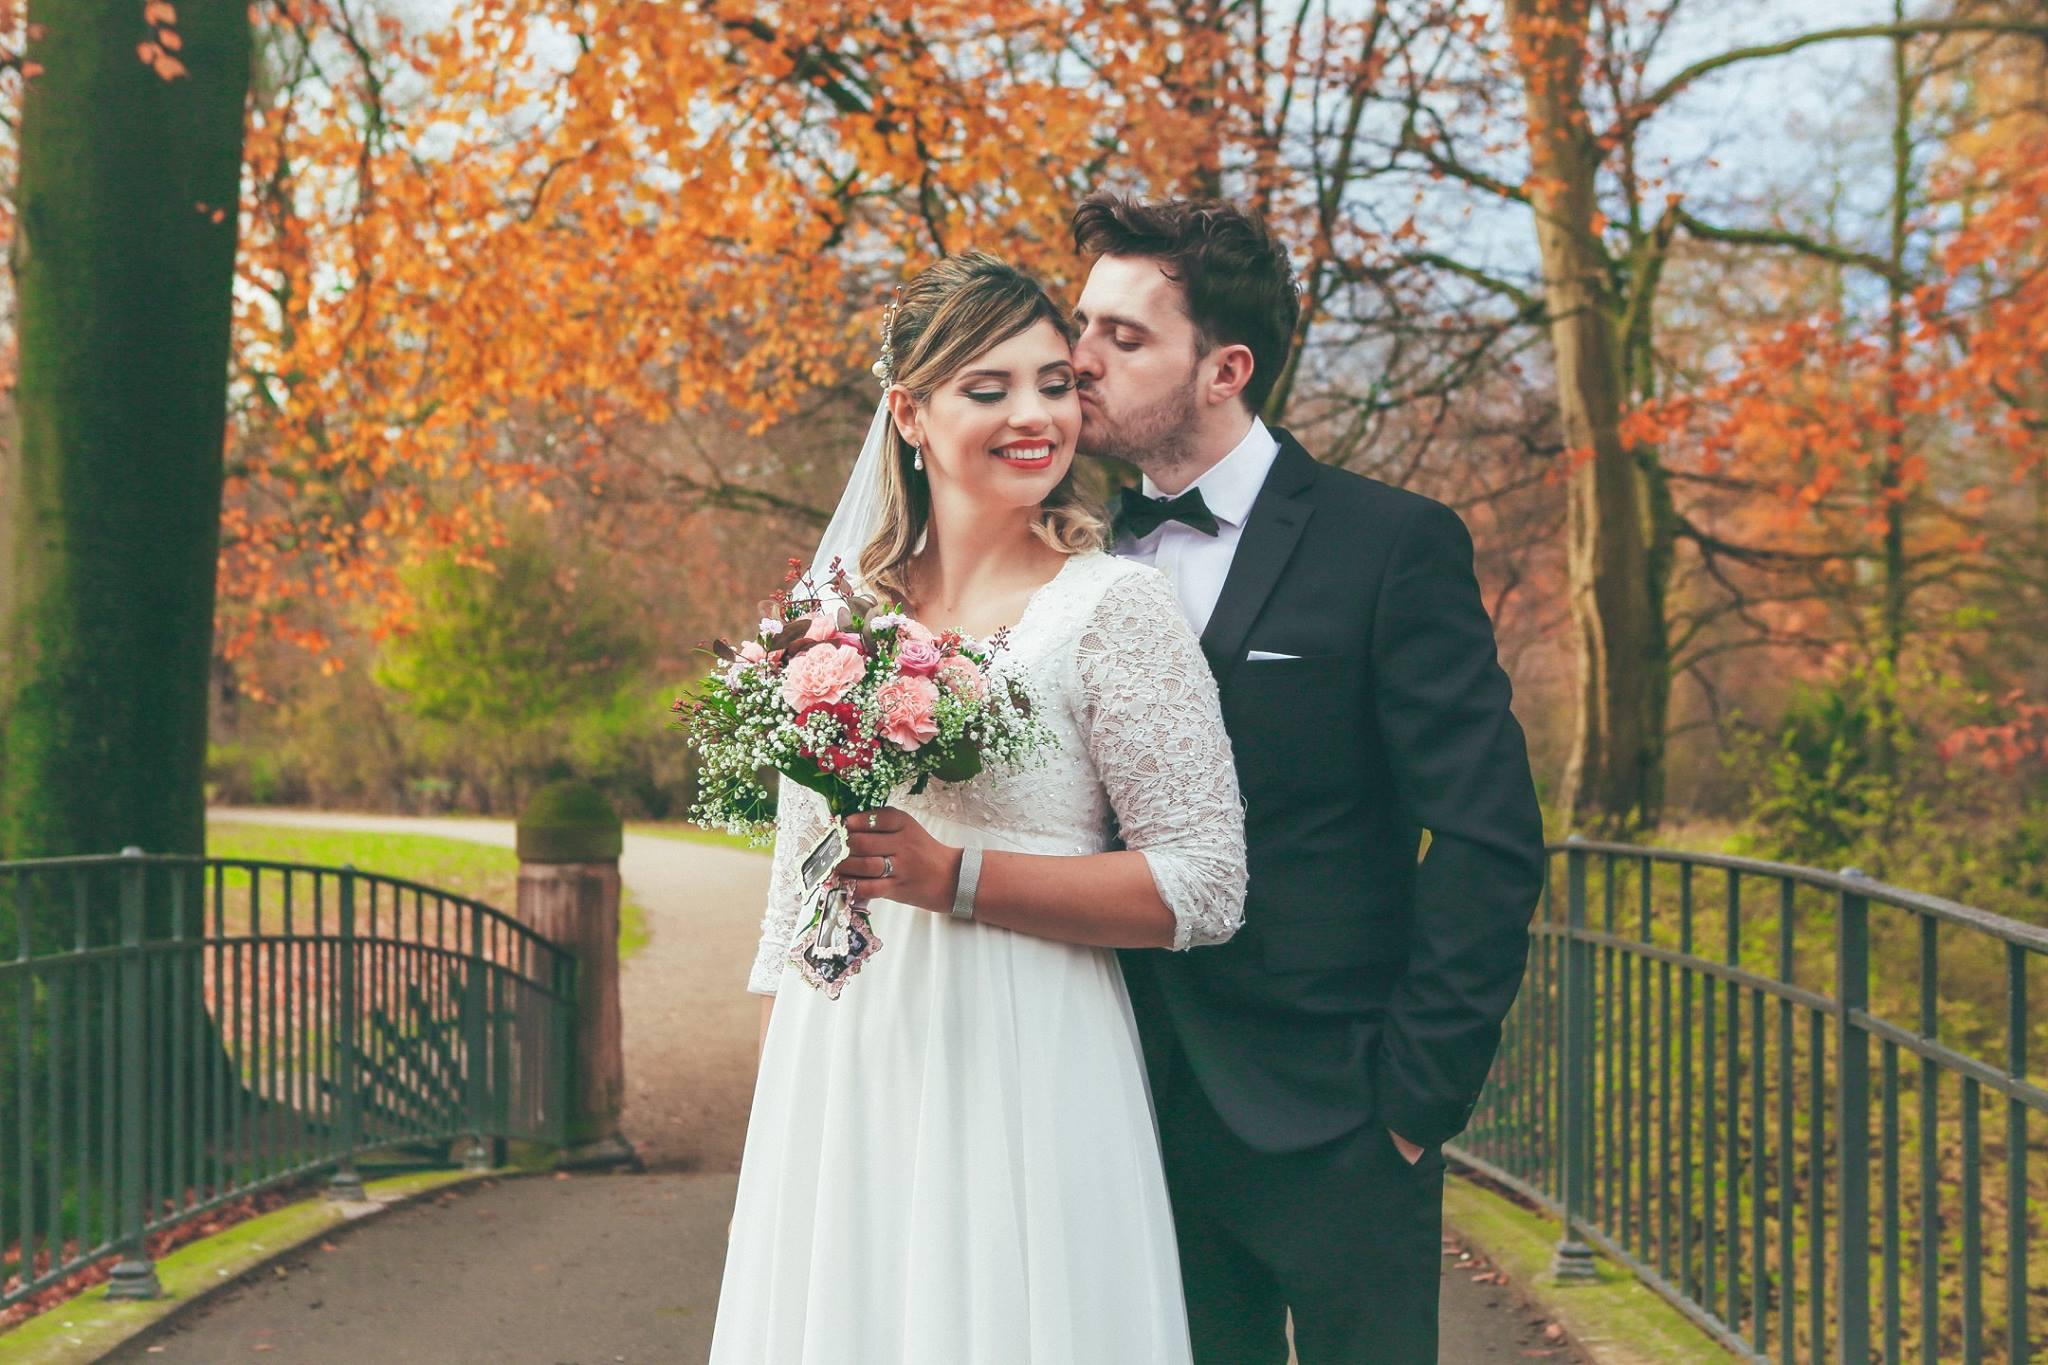 Copenhagen wedding at Frederiksberg garden